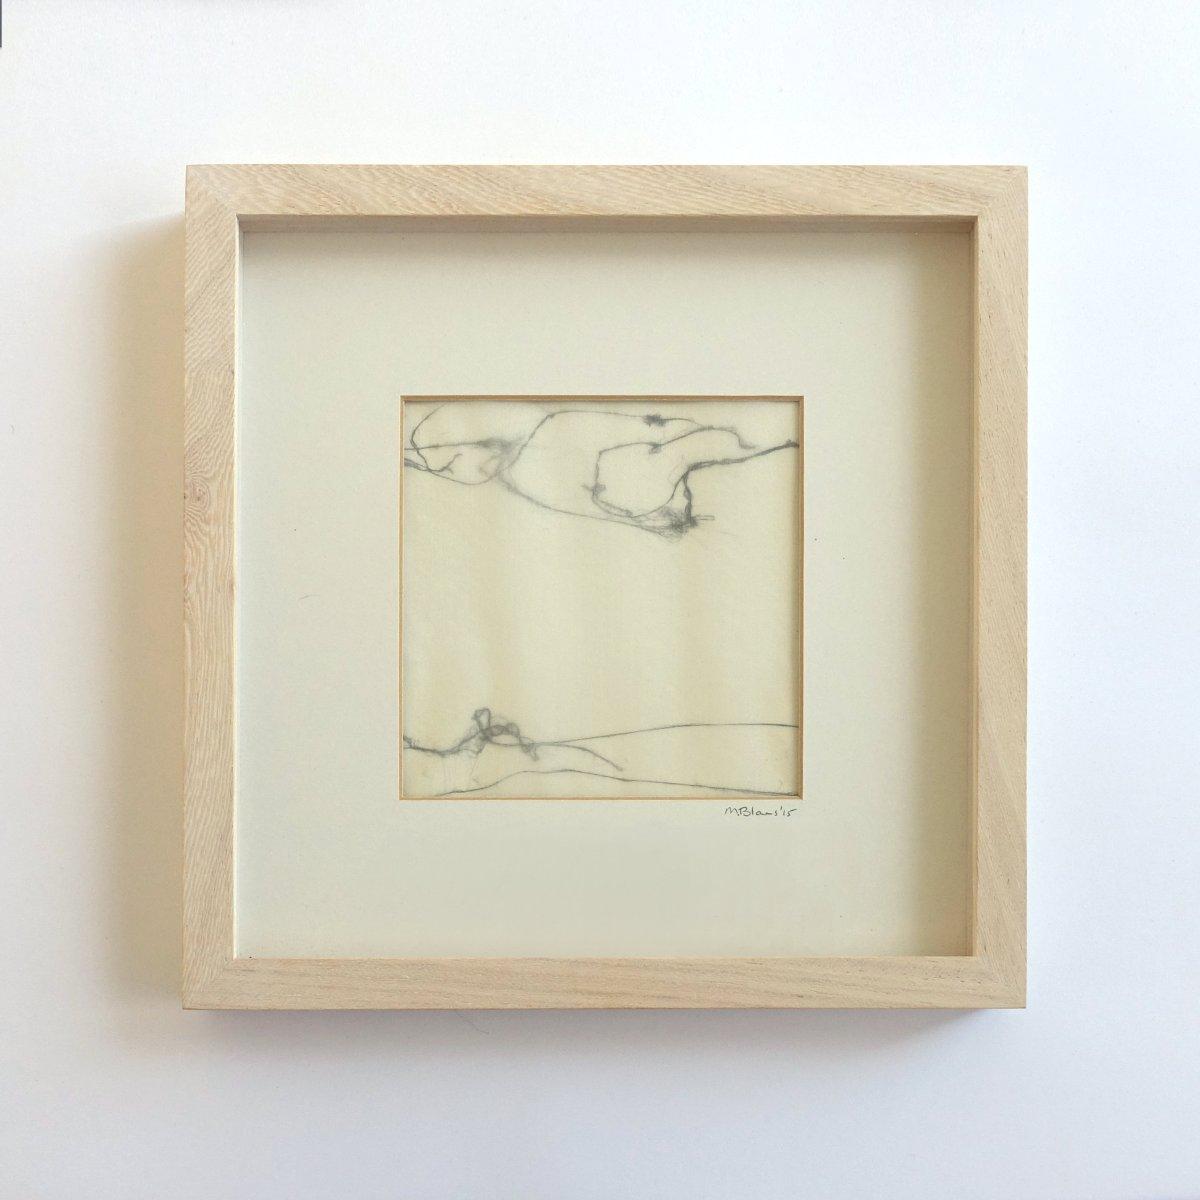 #10 Maartje Blans, Landschap, gemengde techniek op papier, 24,5 x 24,5 cm